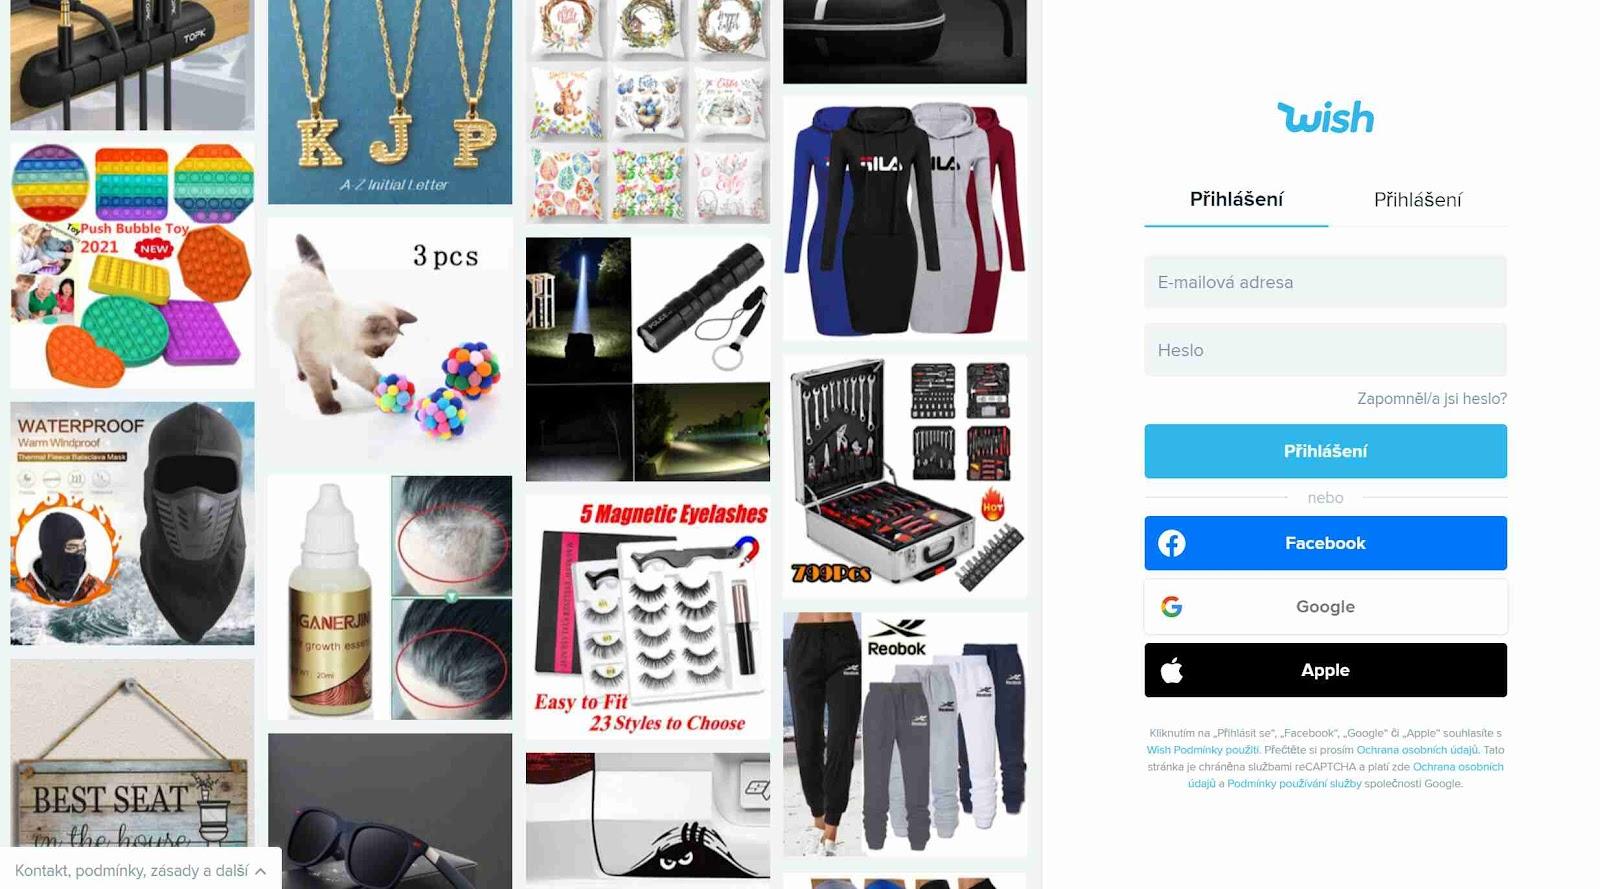 E-shop Wish, nákupní online galerie, čínský e-shop, oblečení, boty, šperky, krmení, domácí potřeby, doplňky, elektronika